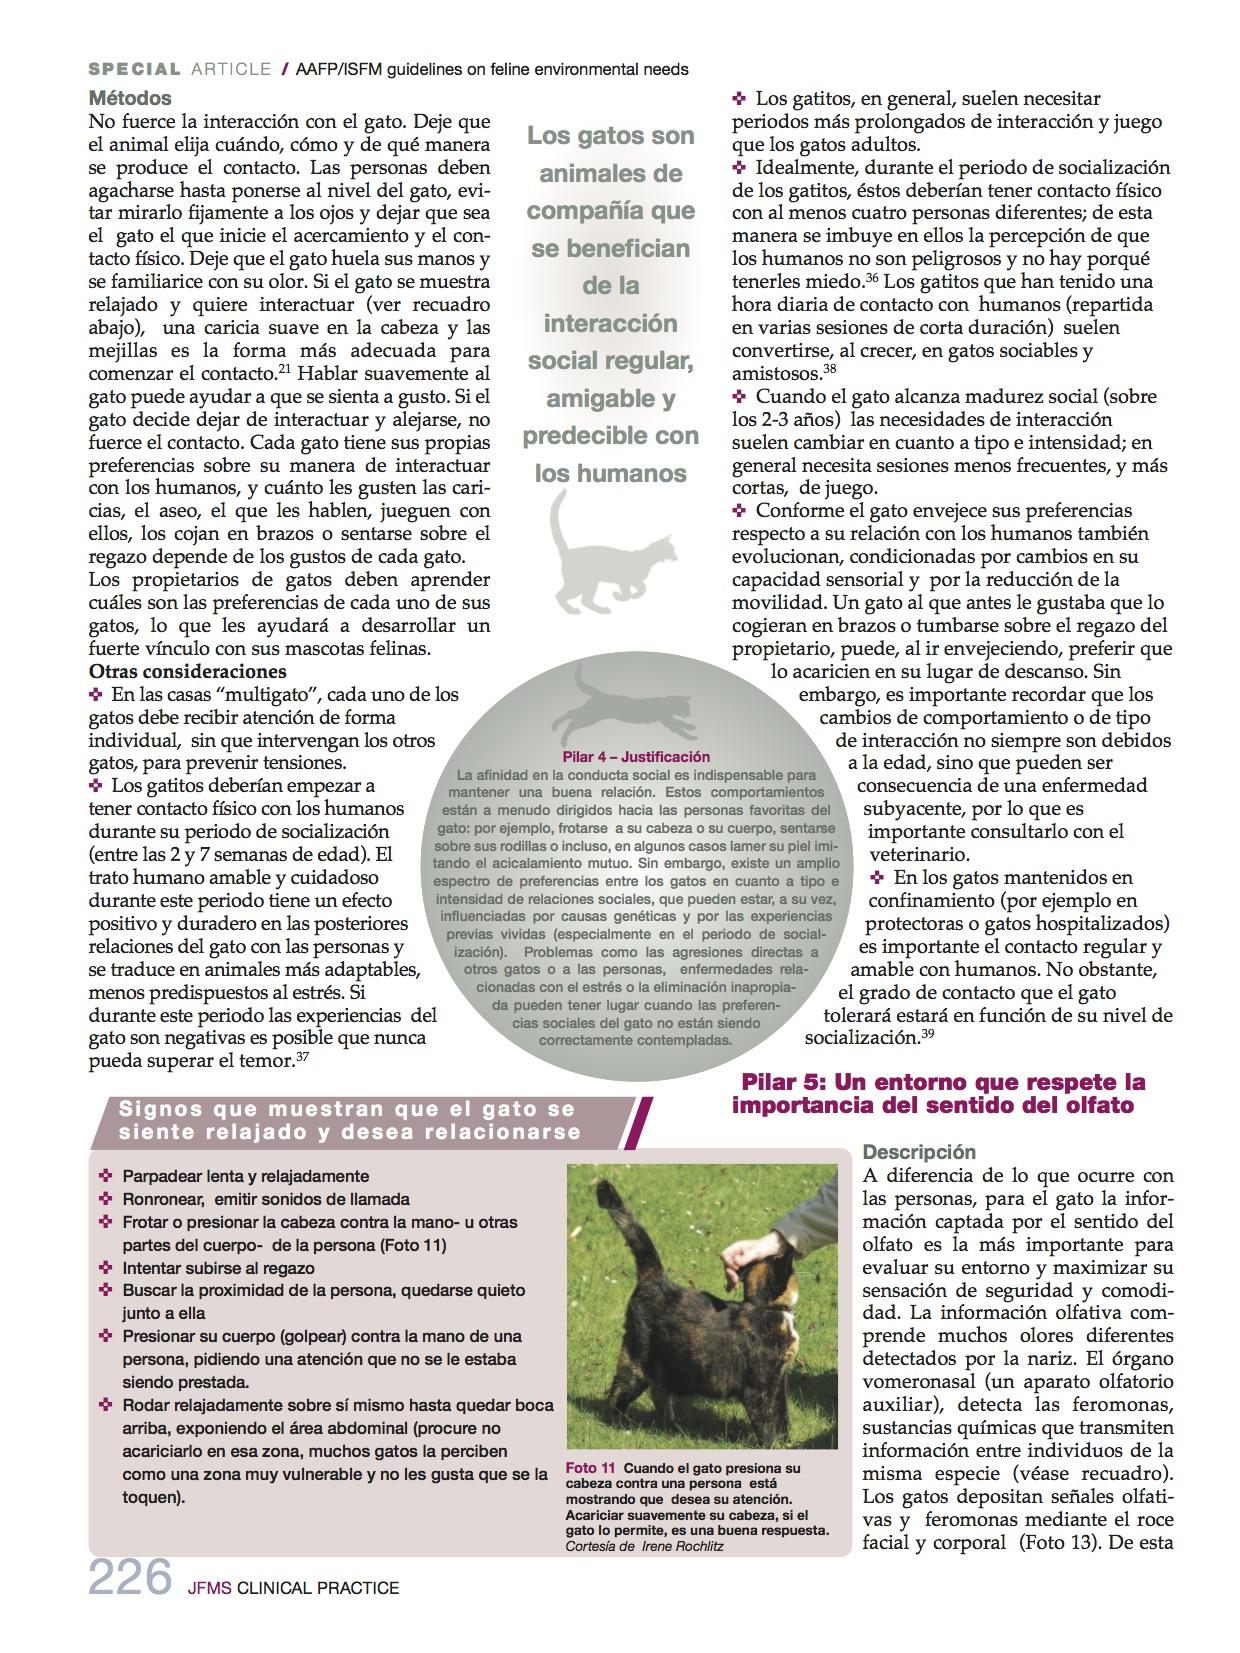 necesidades_medioambientales8_felinas